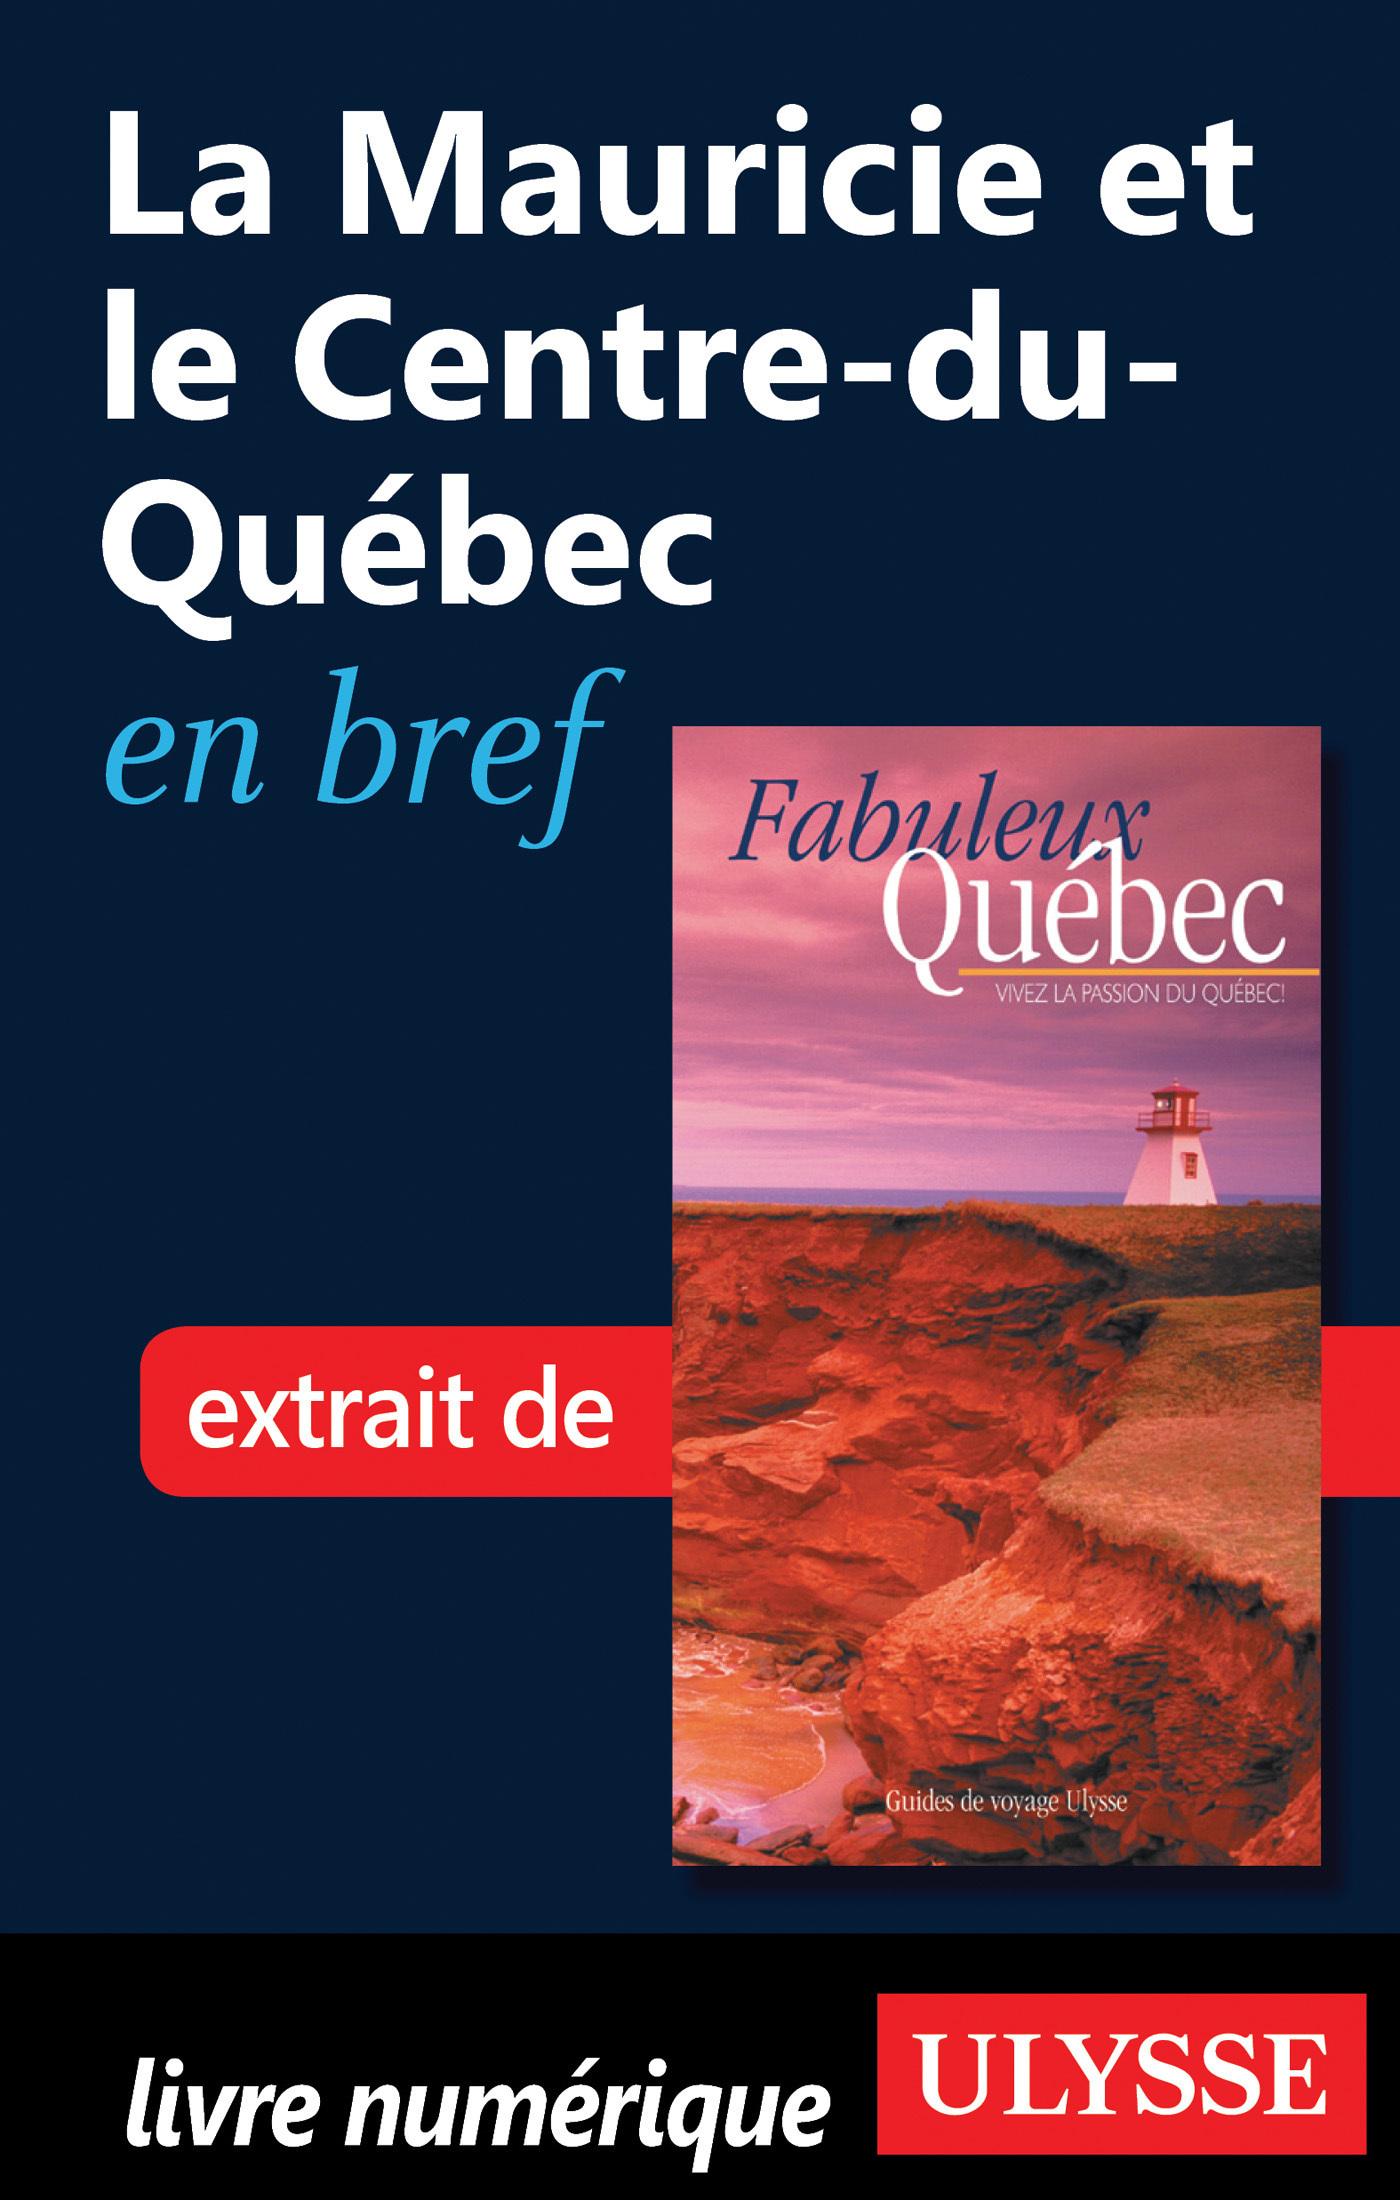 La Mauricie et le Centre-du-Québec en bref